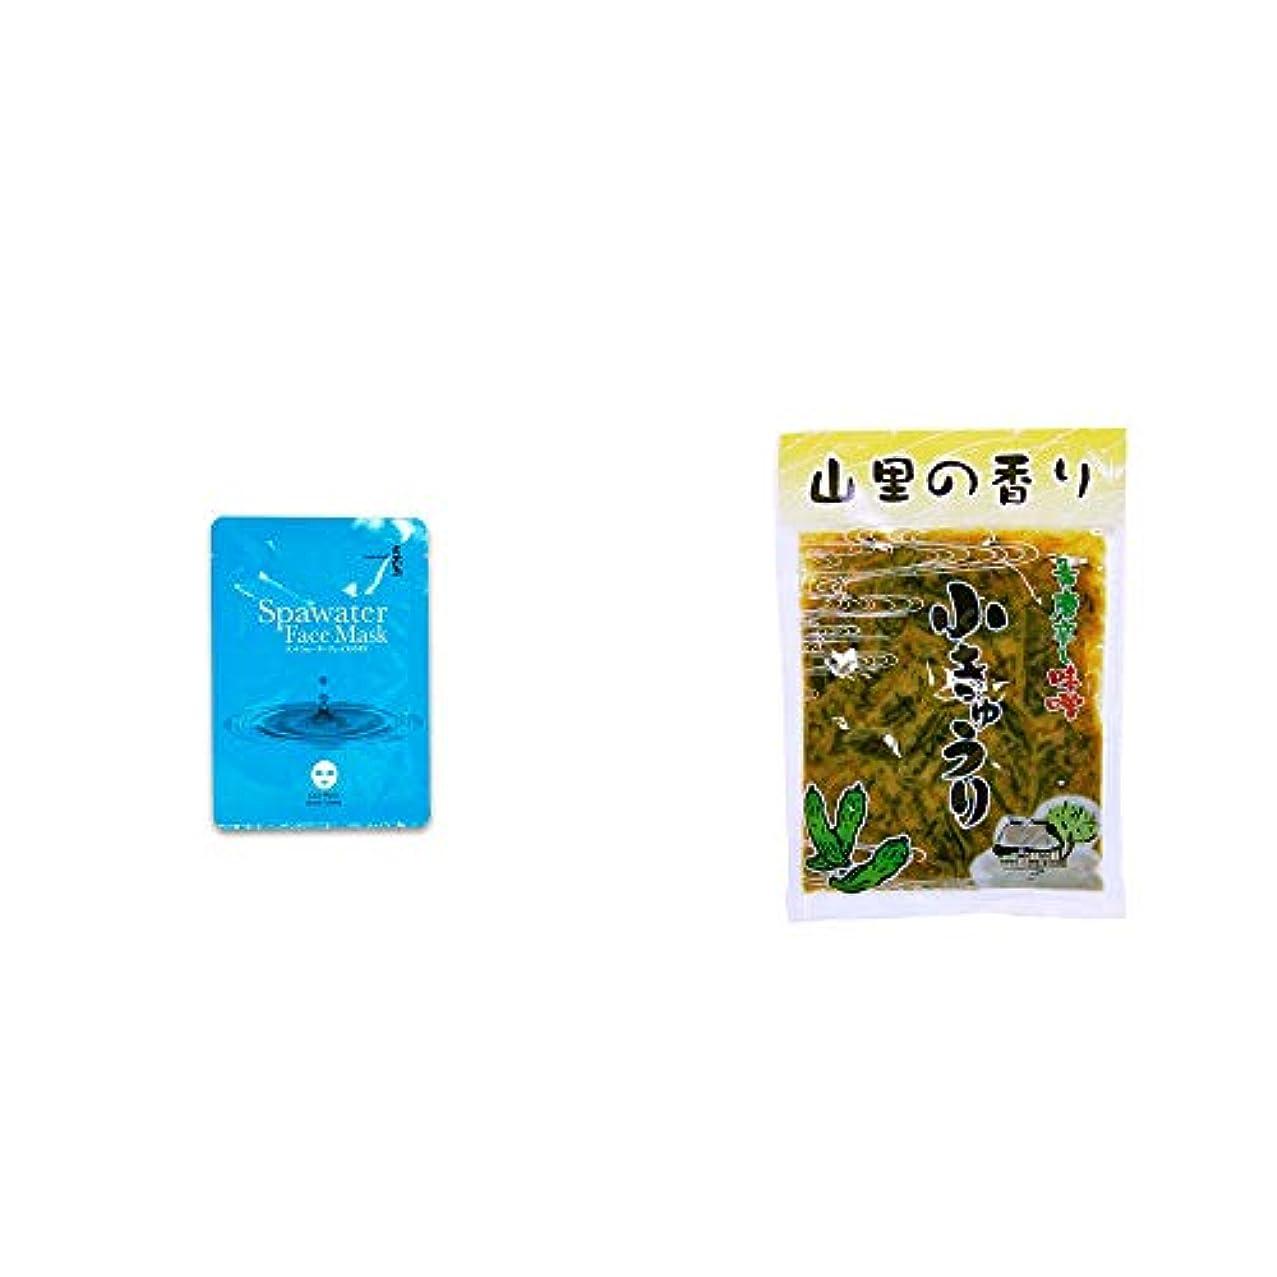 最終的にマナーディンカルビル[2点セット] ひのき炭黒泉 スパウォーターフェイスマスク(18ml×3枚入)?山里の香り 青唐辛し味噌 小きゅうり(250g)